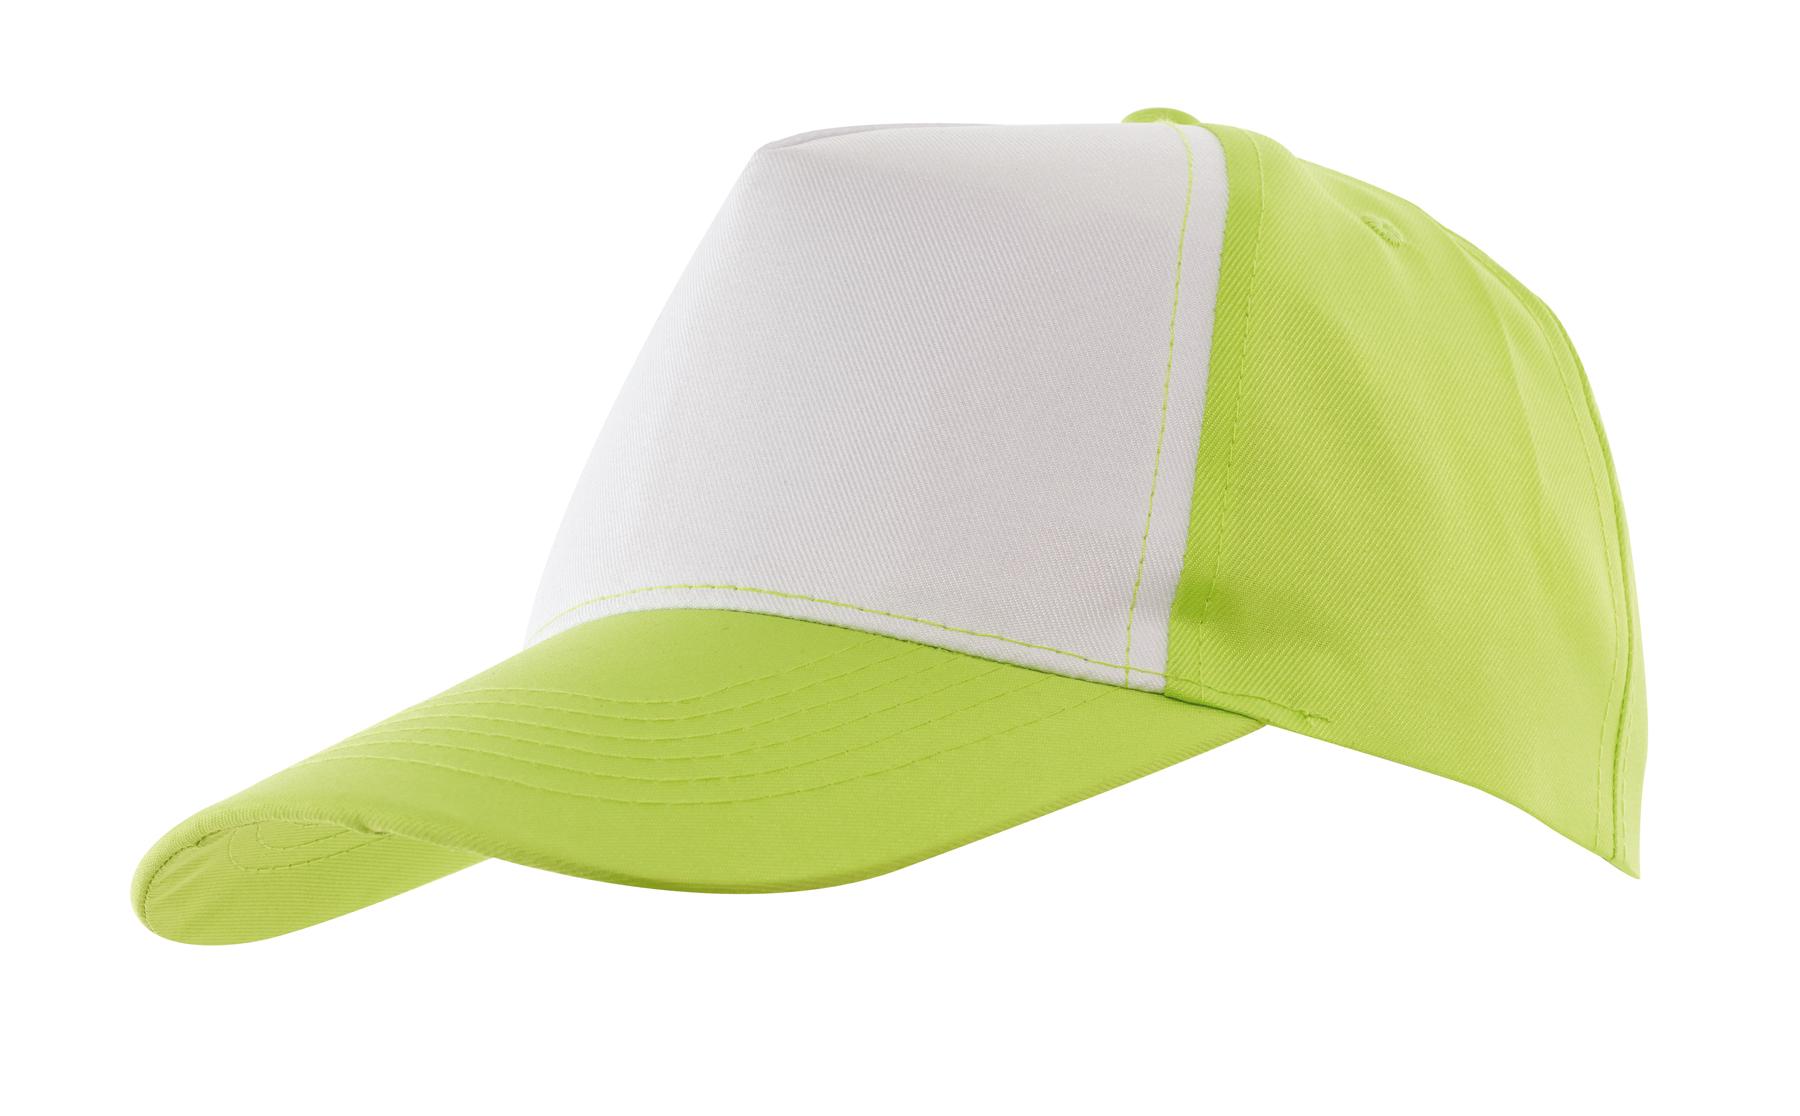 5 segmentowa czapka SHINY, biały, zielony